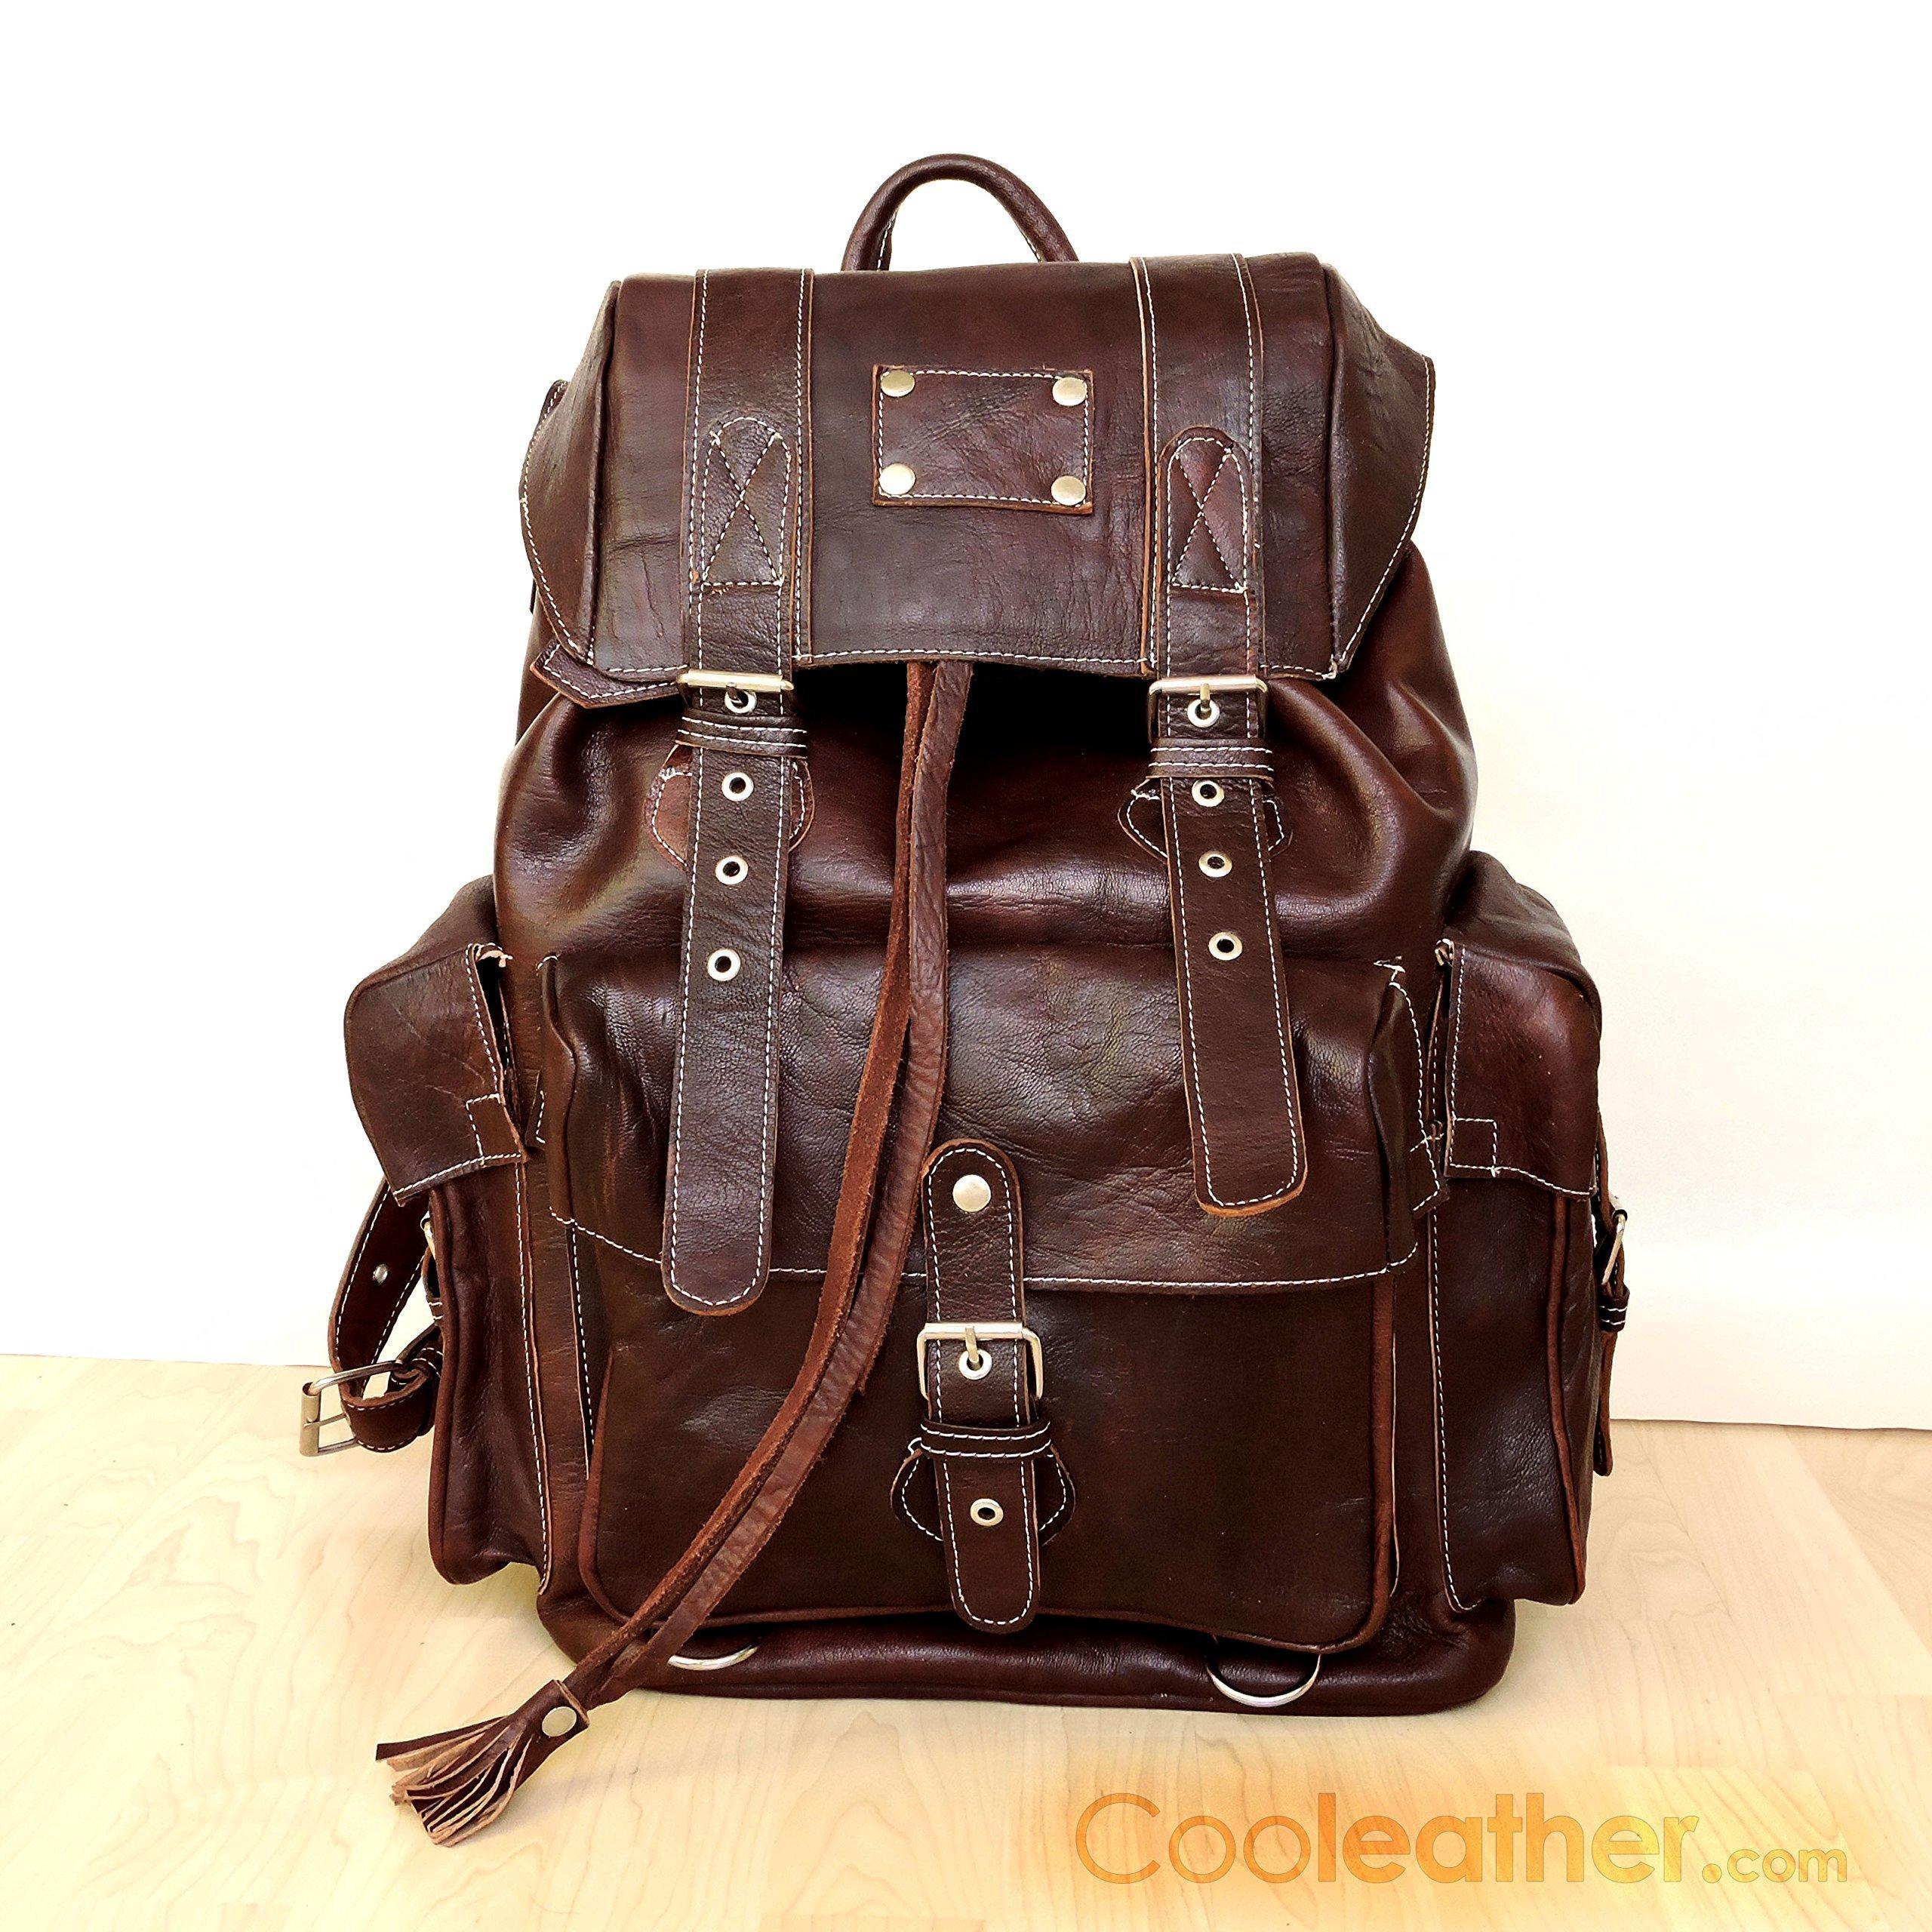 Extra Large Innovative Leather Hiking Backpack, Travel Knapsack